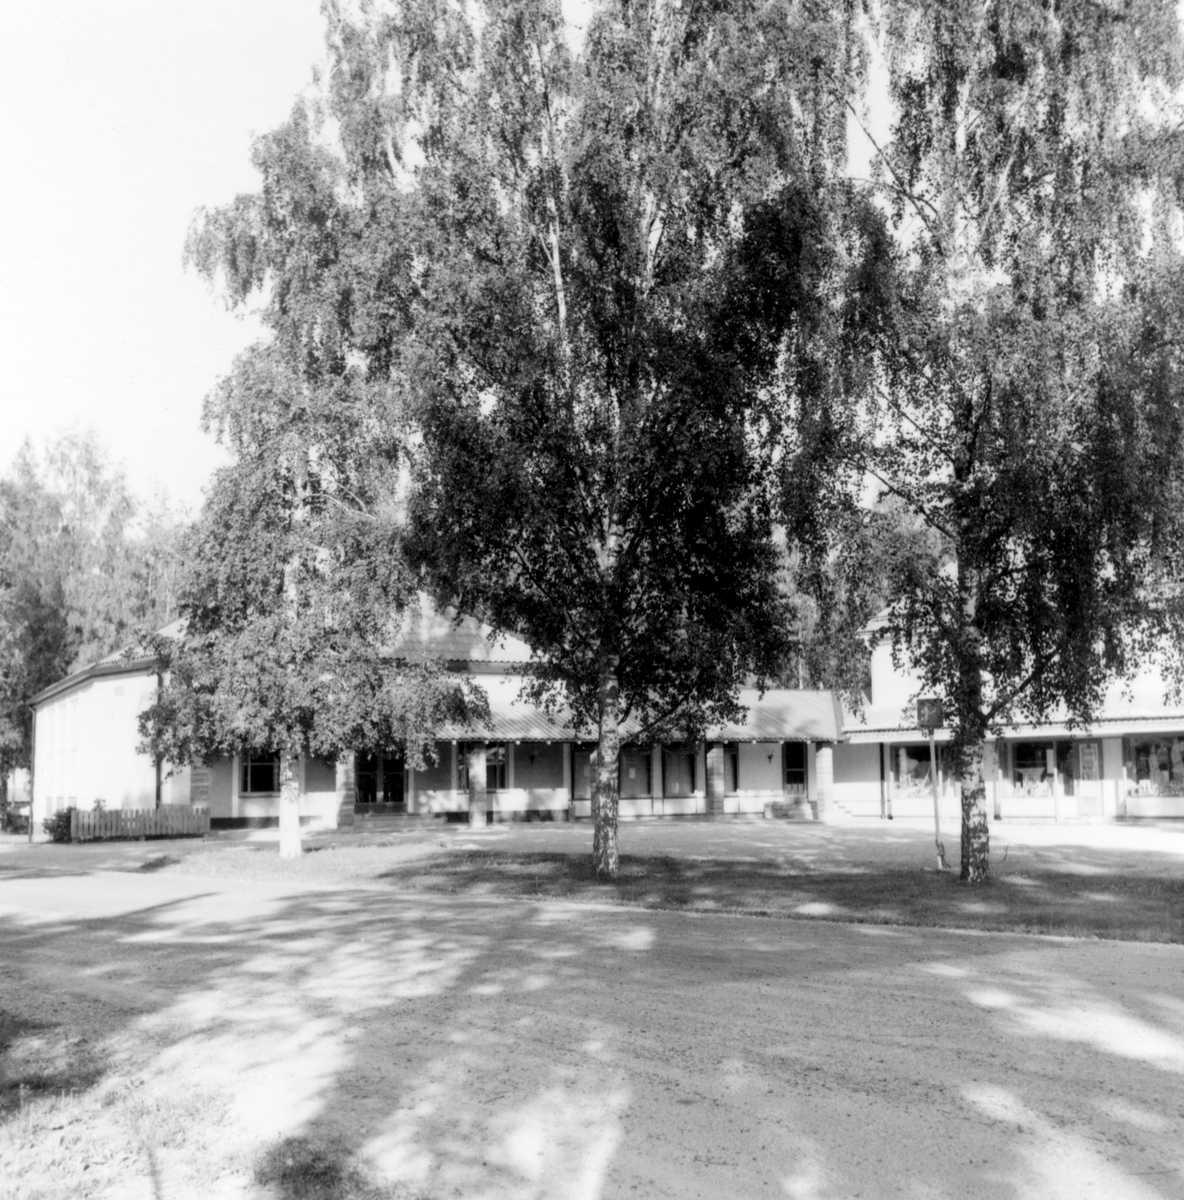 """Någonstans i Värmland - från slutet av 1950-talet. Kommentar från en användare: """"Centrum i Uddeholm""""."""